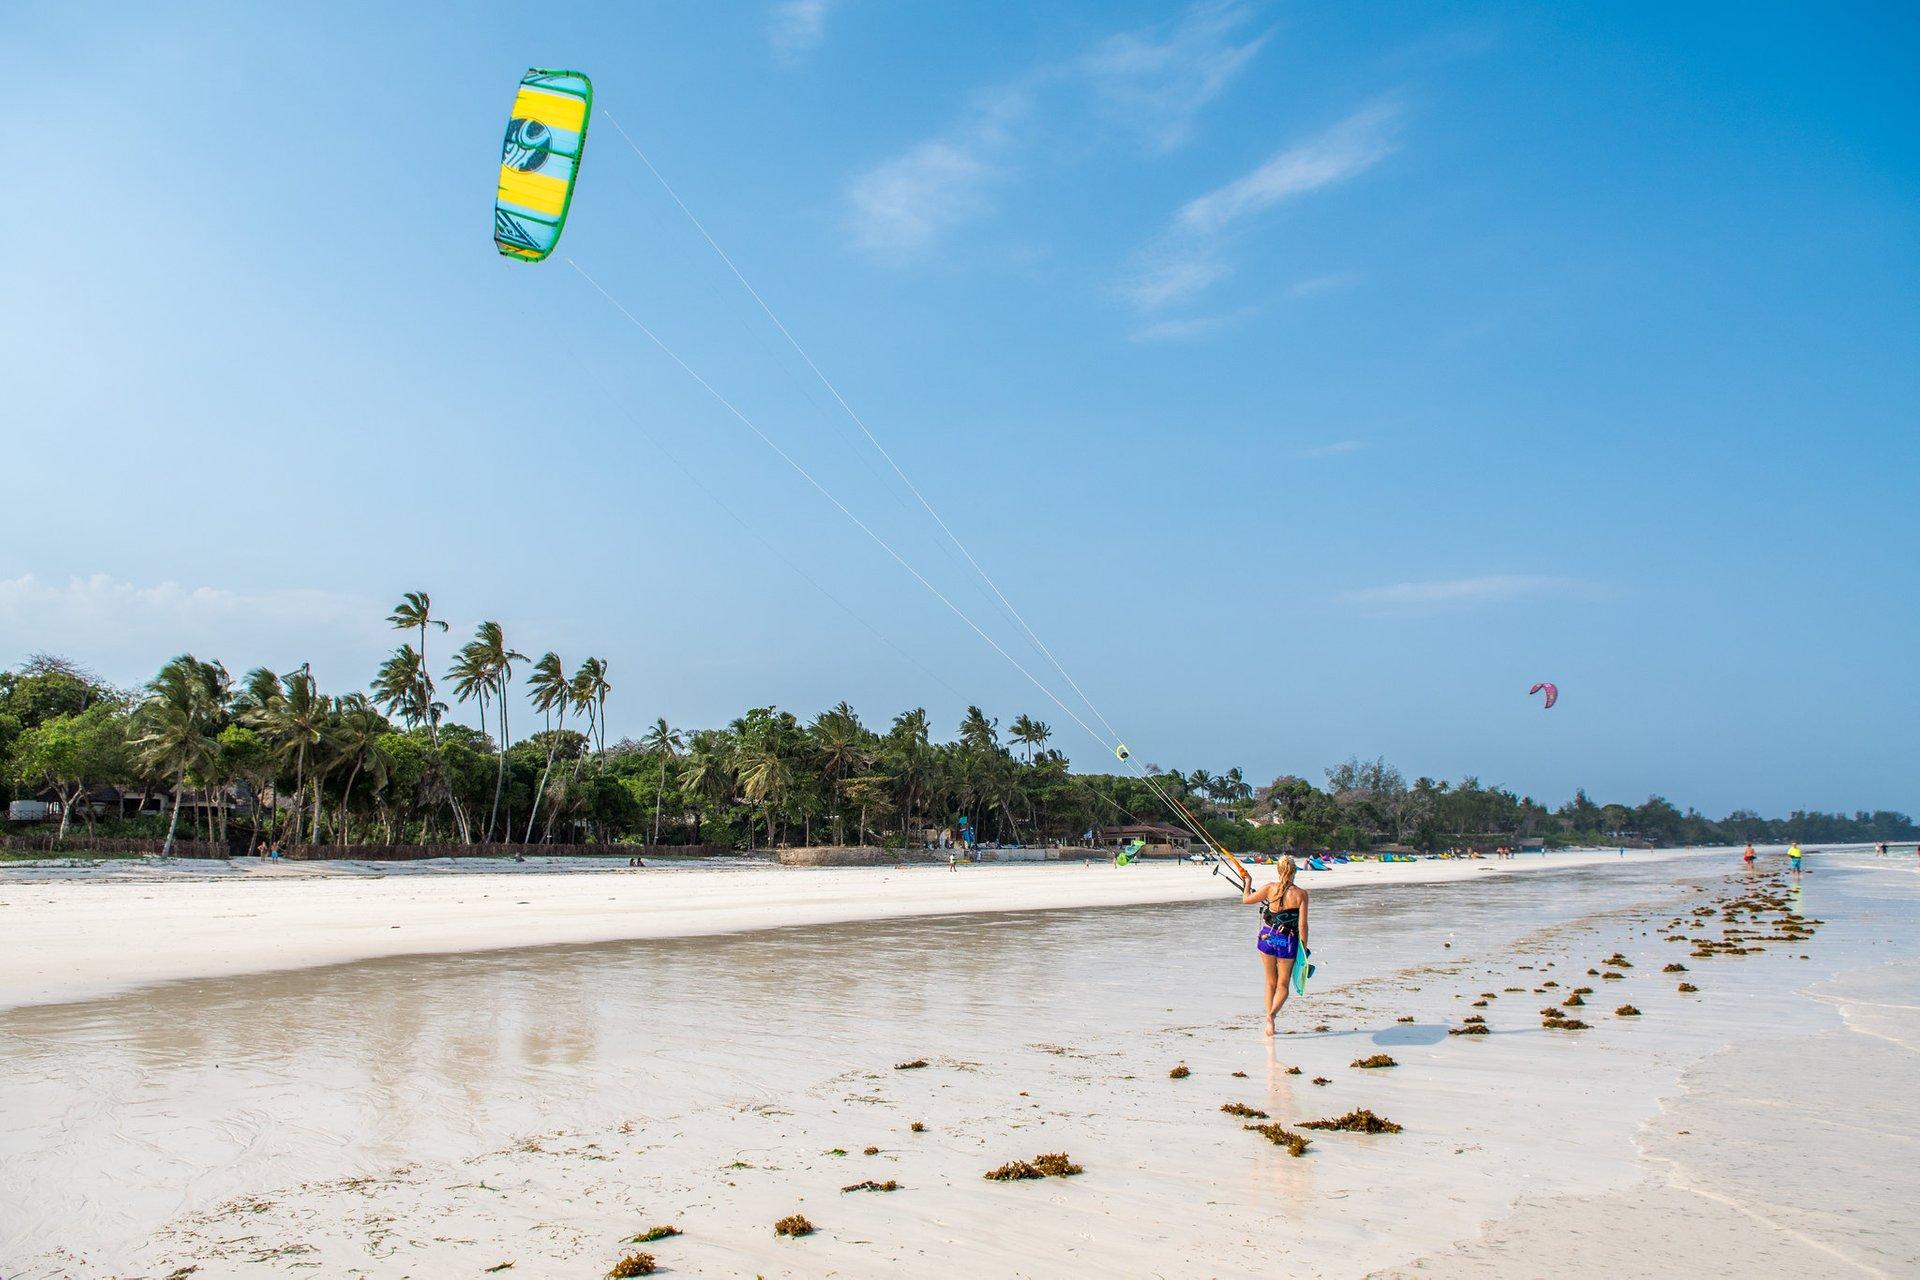 Kitesurfing & Windsurfing in Kenya 2020 - Best Time